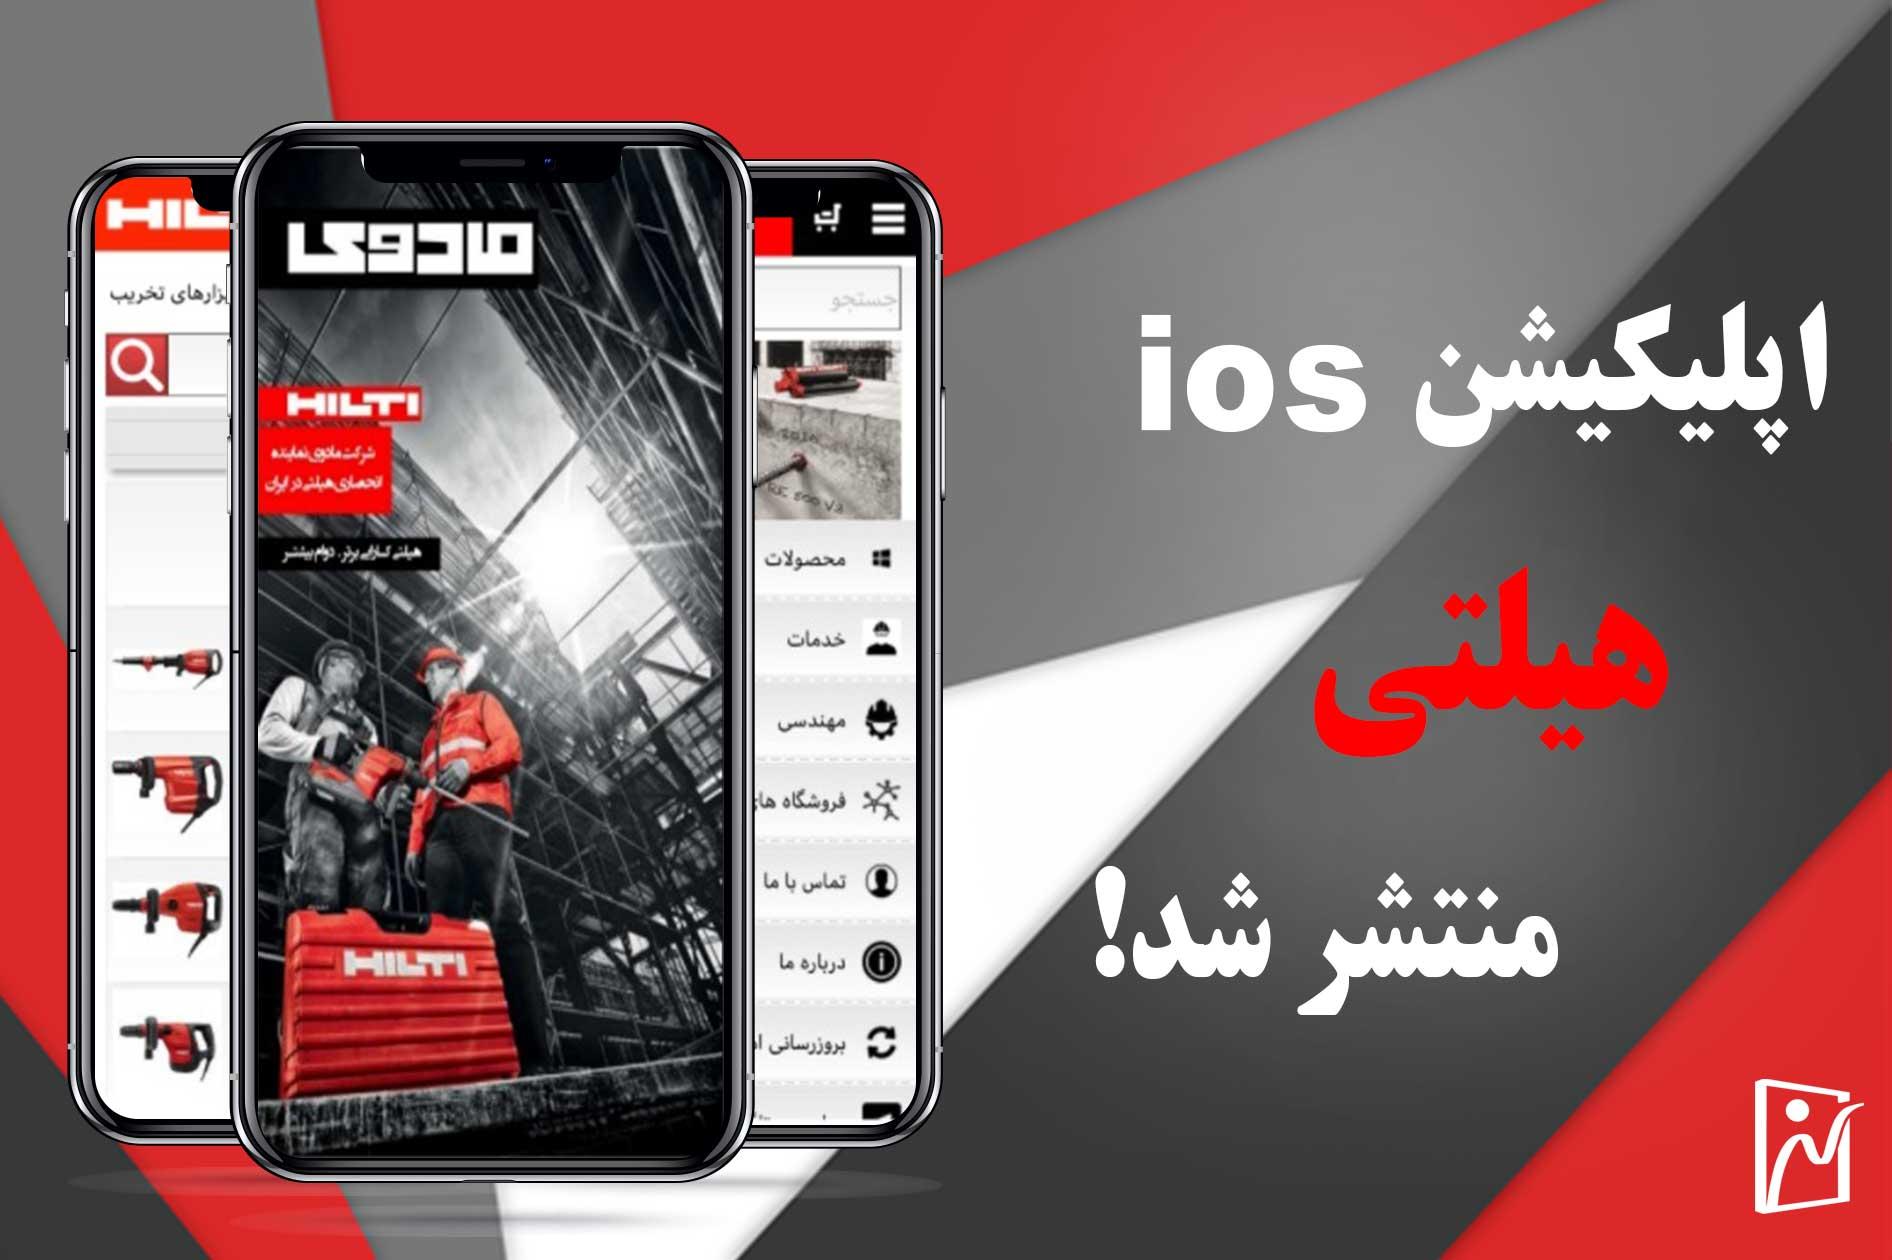 طراحی  و انتشار اپلیکیشن ios فروشگاه هیلتی در کاشان